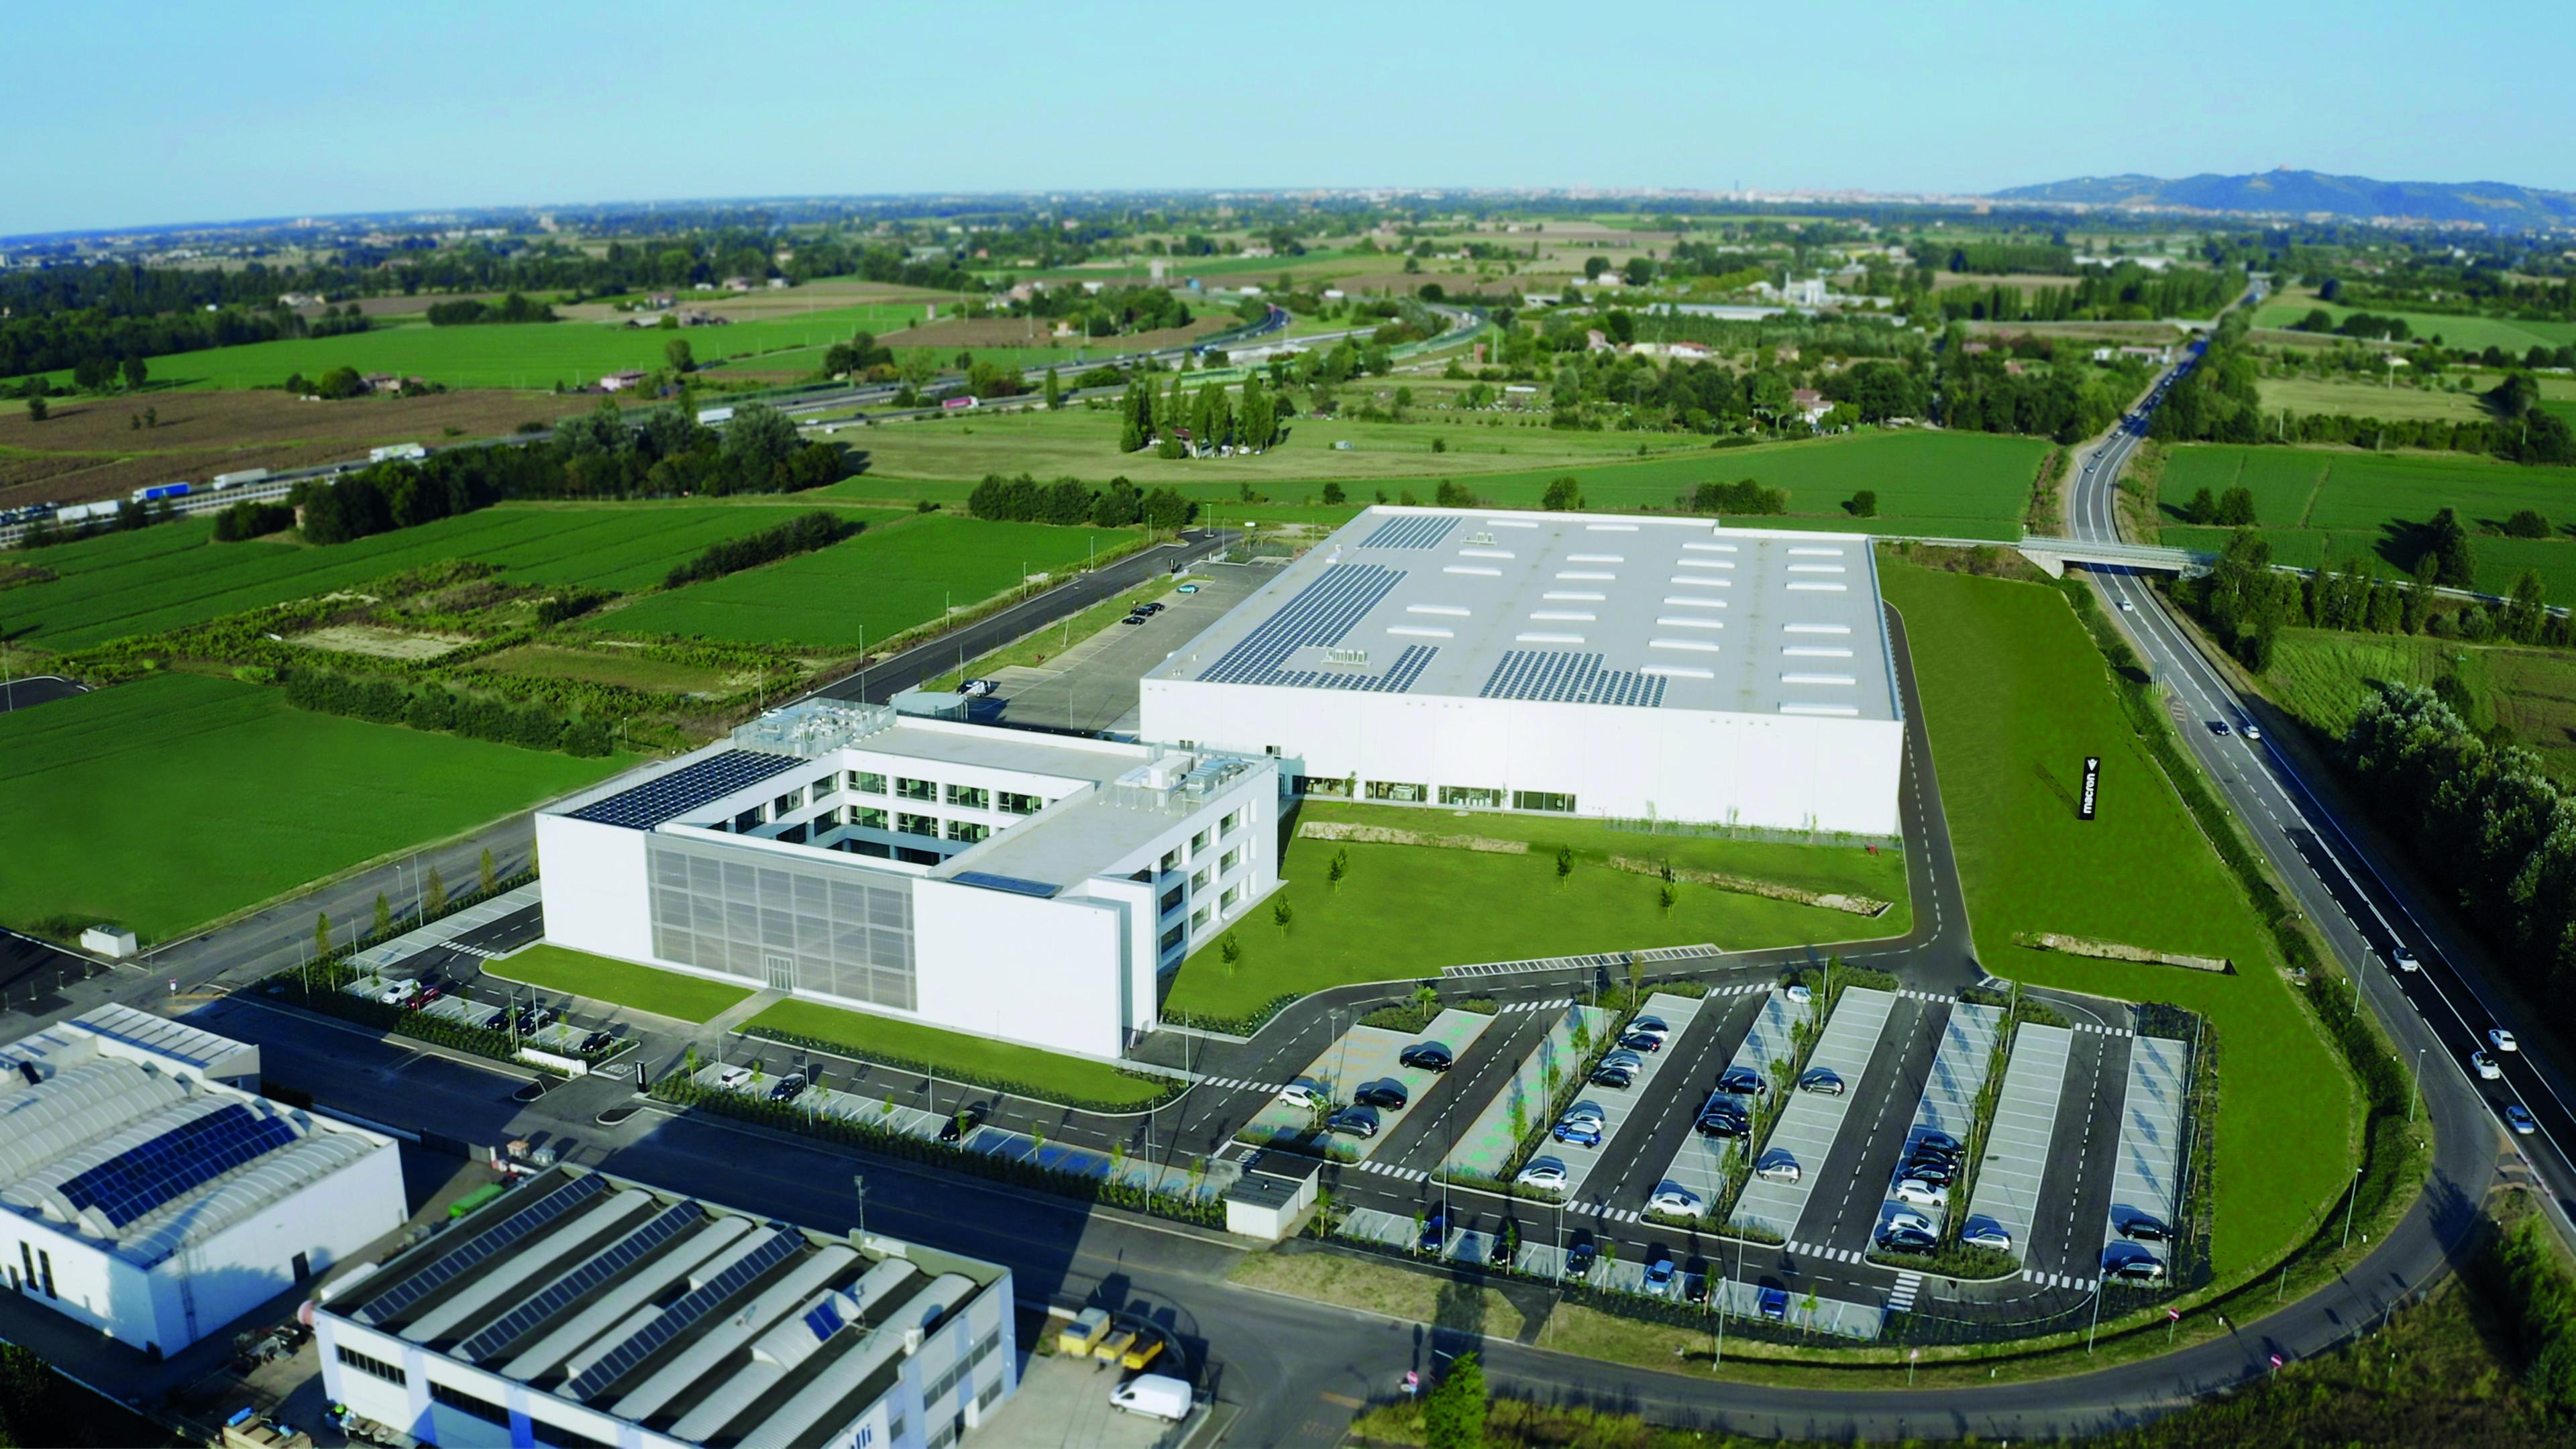 Inaugurato ufficialmente il nuovo quartier generale dell&#39;azienda emiliana&nbsp;leader internazionale nella produzione e vendita di abbigliamento sportivo<br /><br />